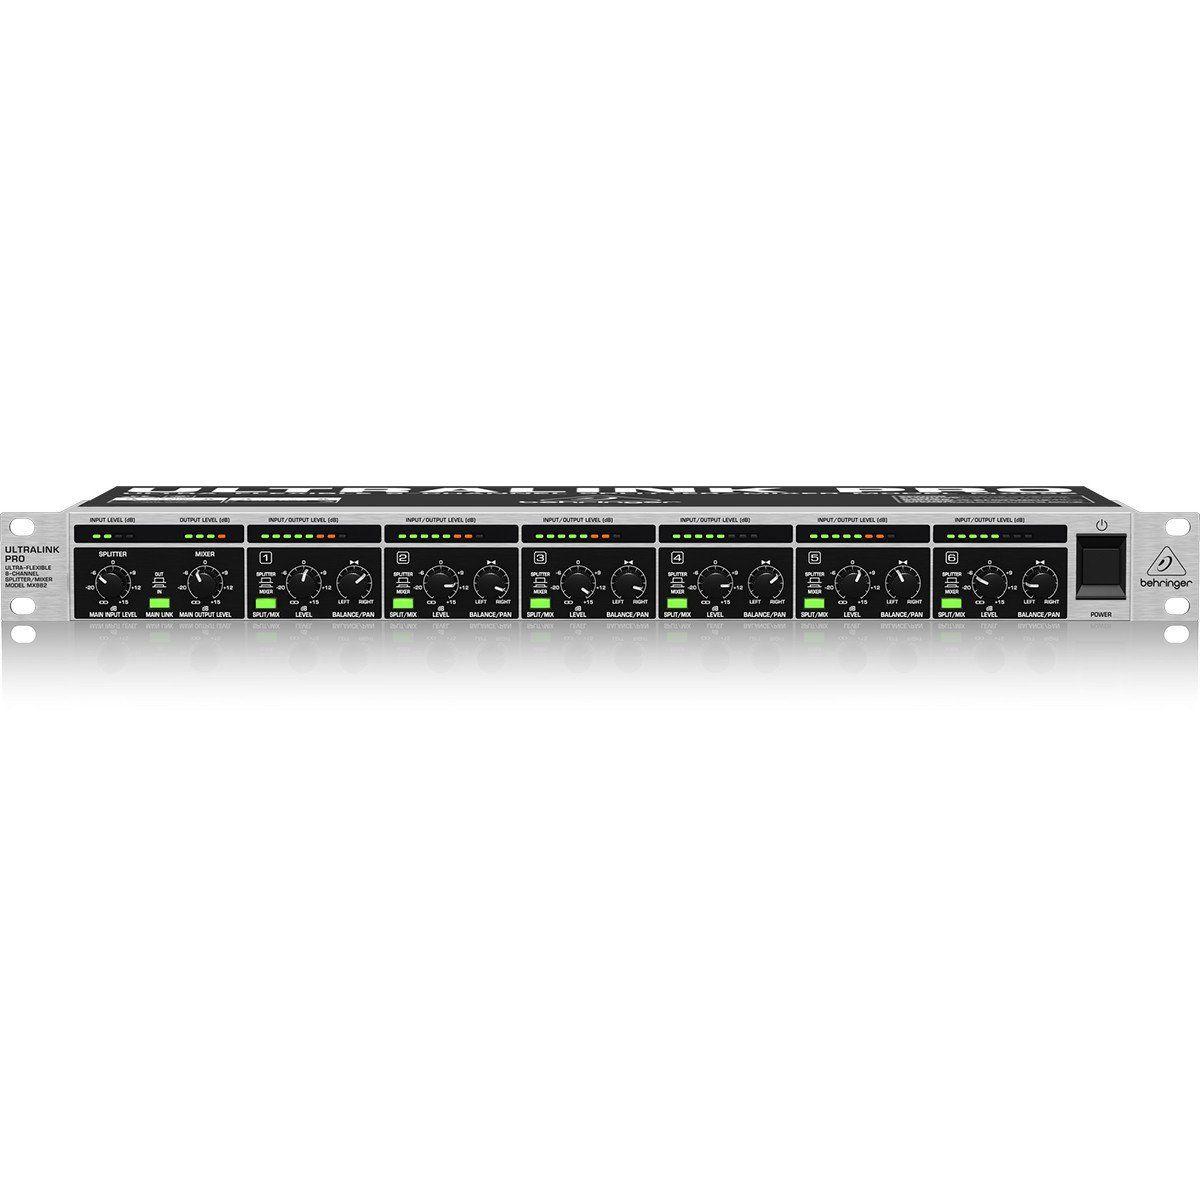 Behringer UltraLink Pro MX882 Amplificador UltraLink Pro MX882 110V